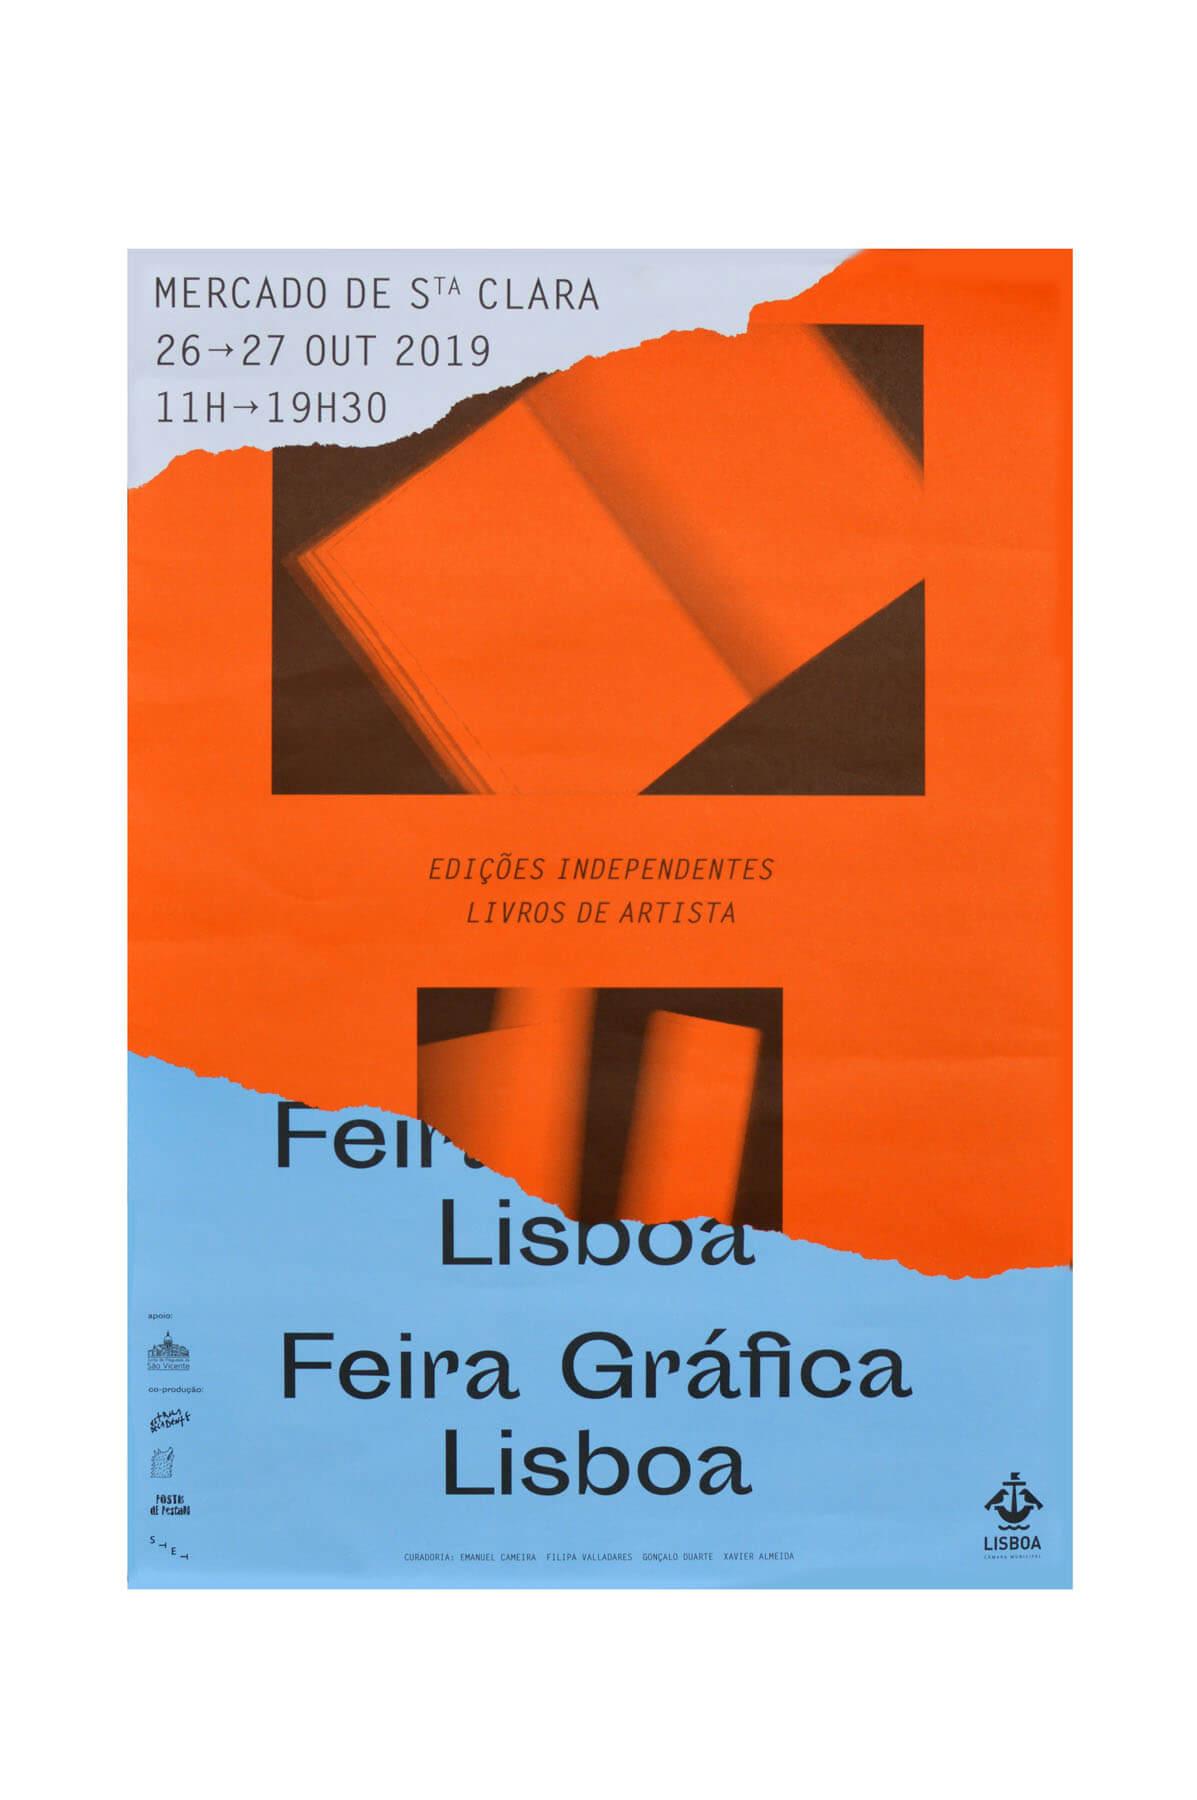 feira grafica 2019 isabel lucena 05